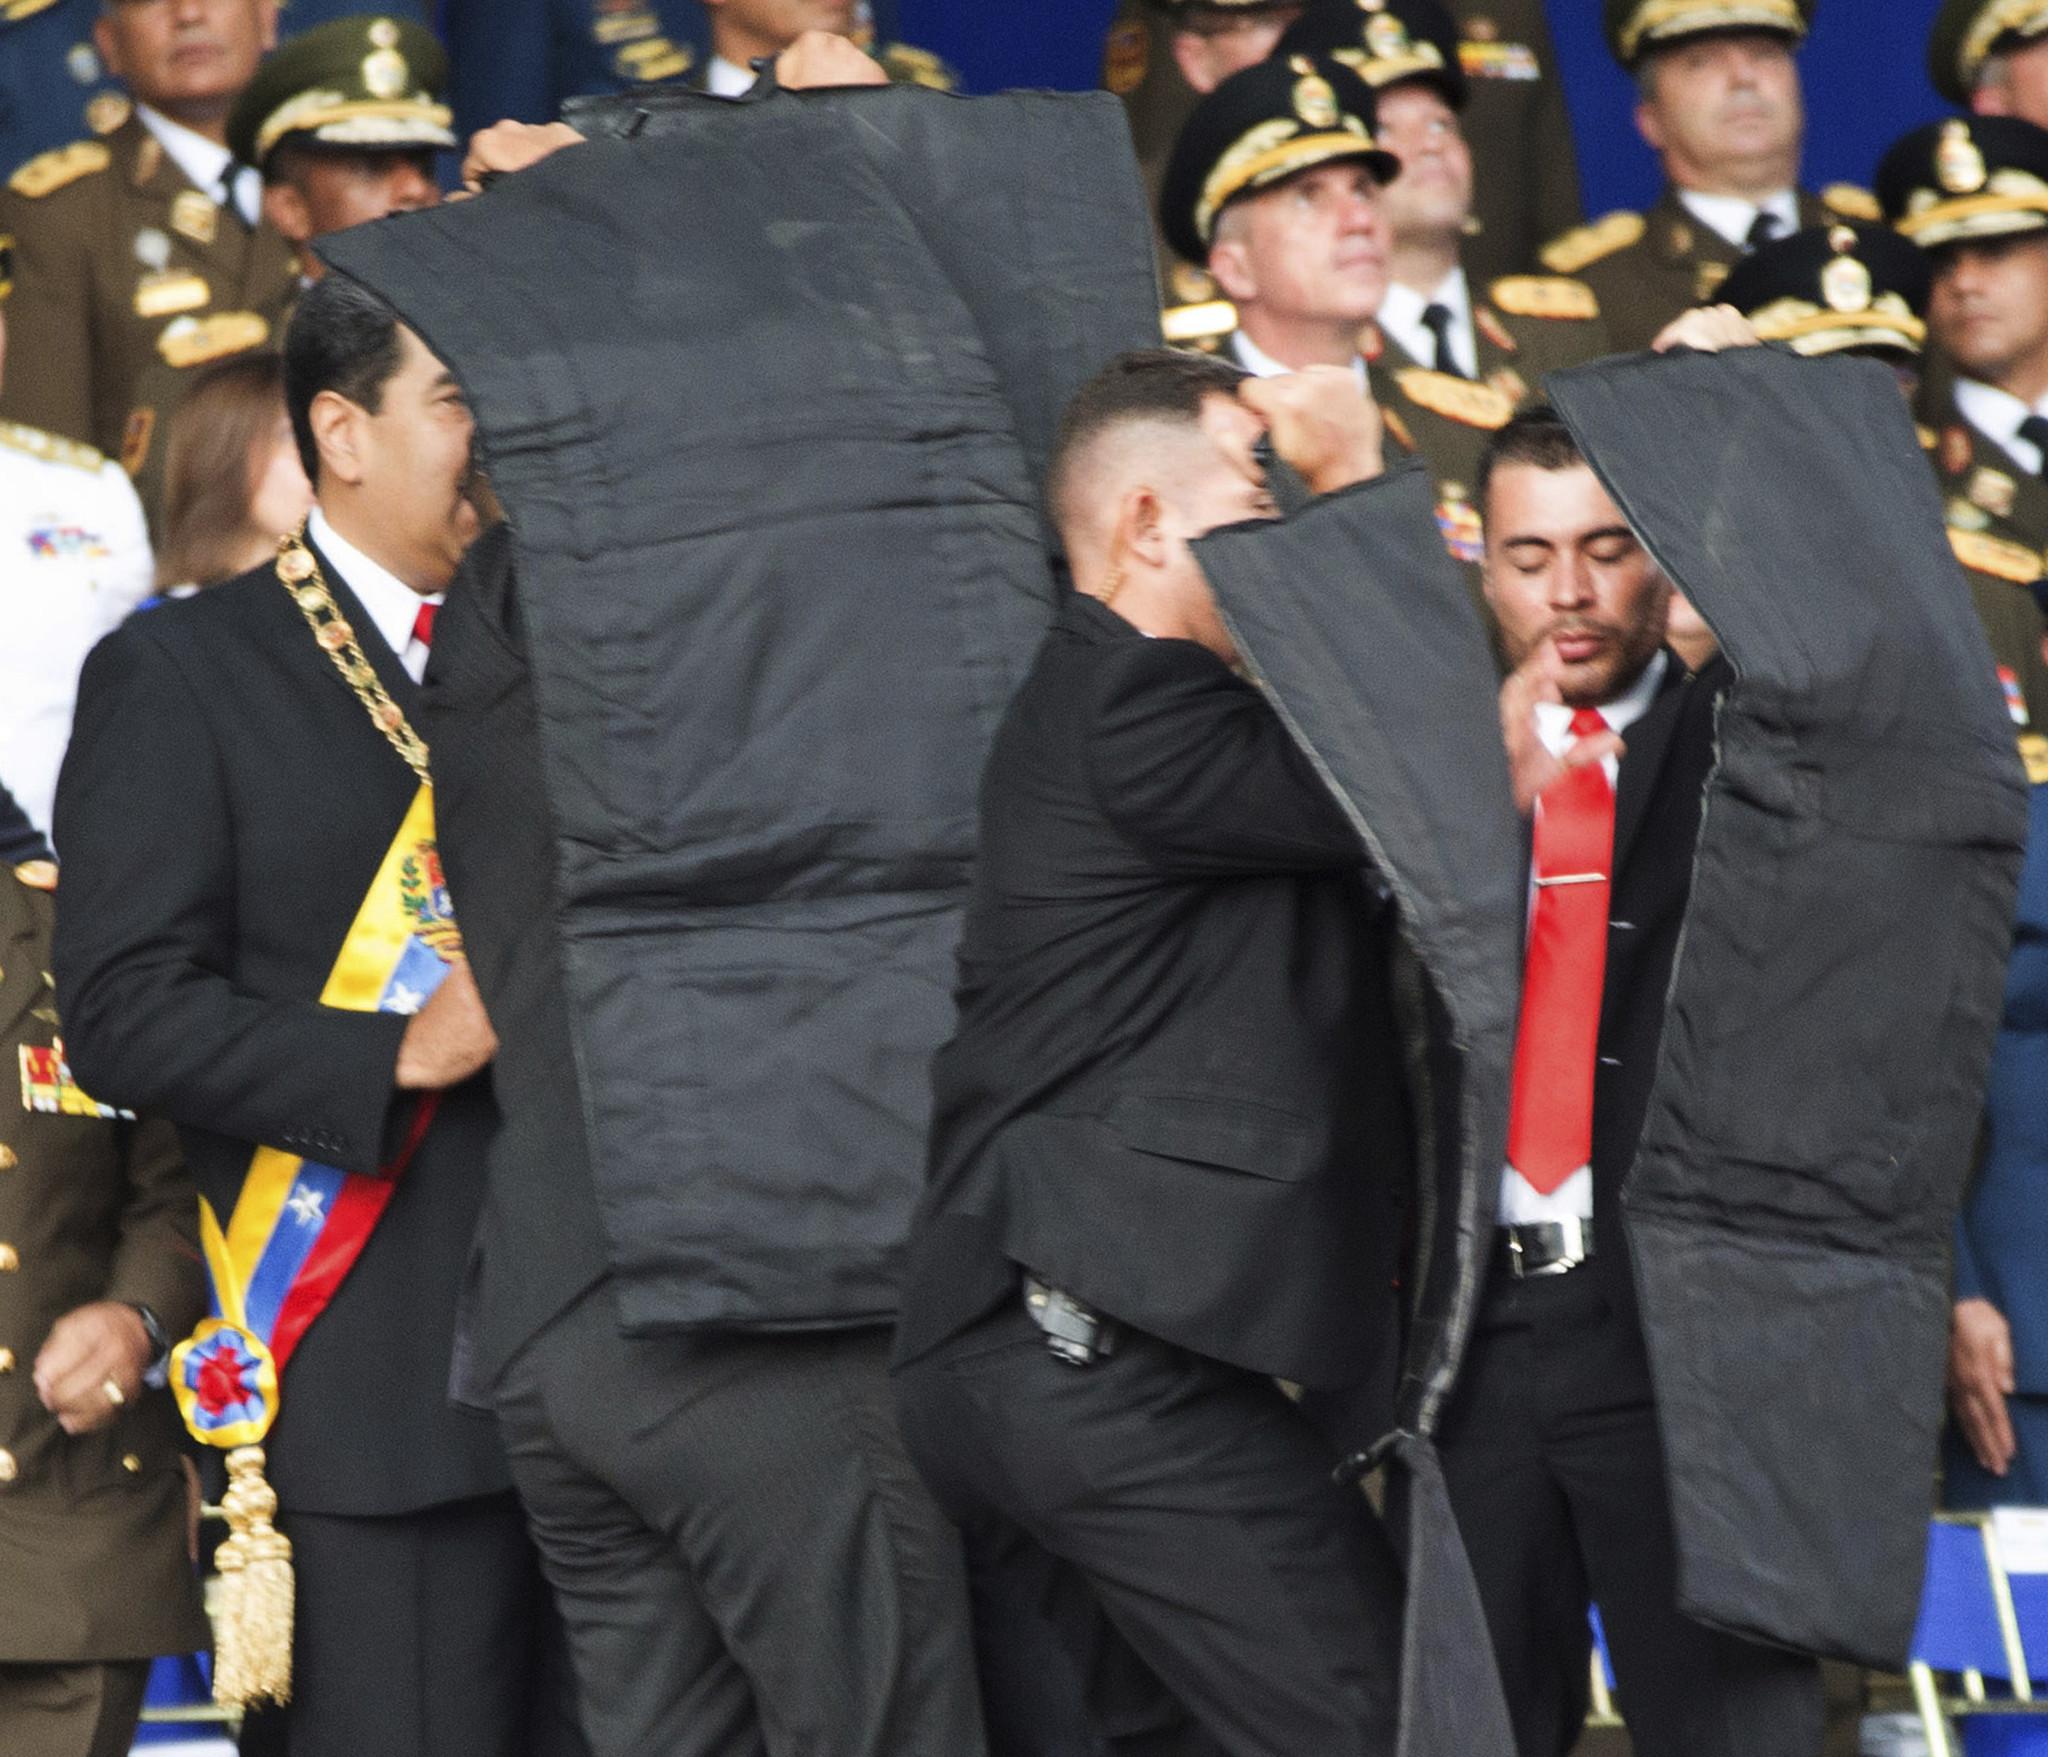 2018年8月5日 马杜罗遭未遂暗杀